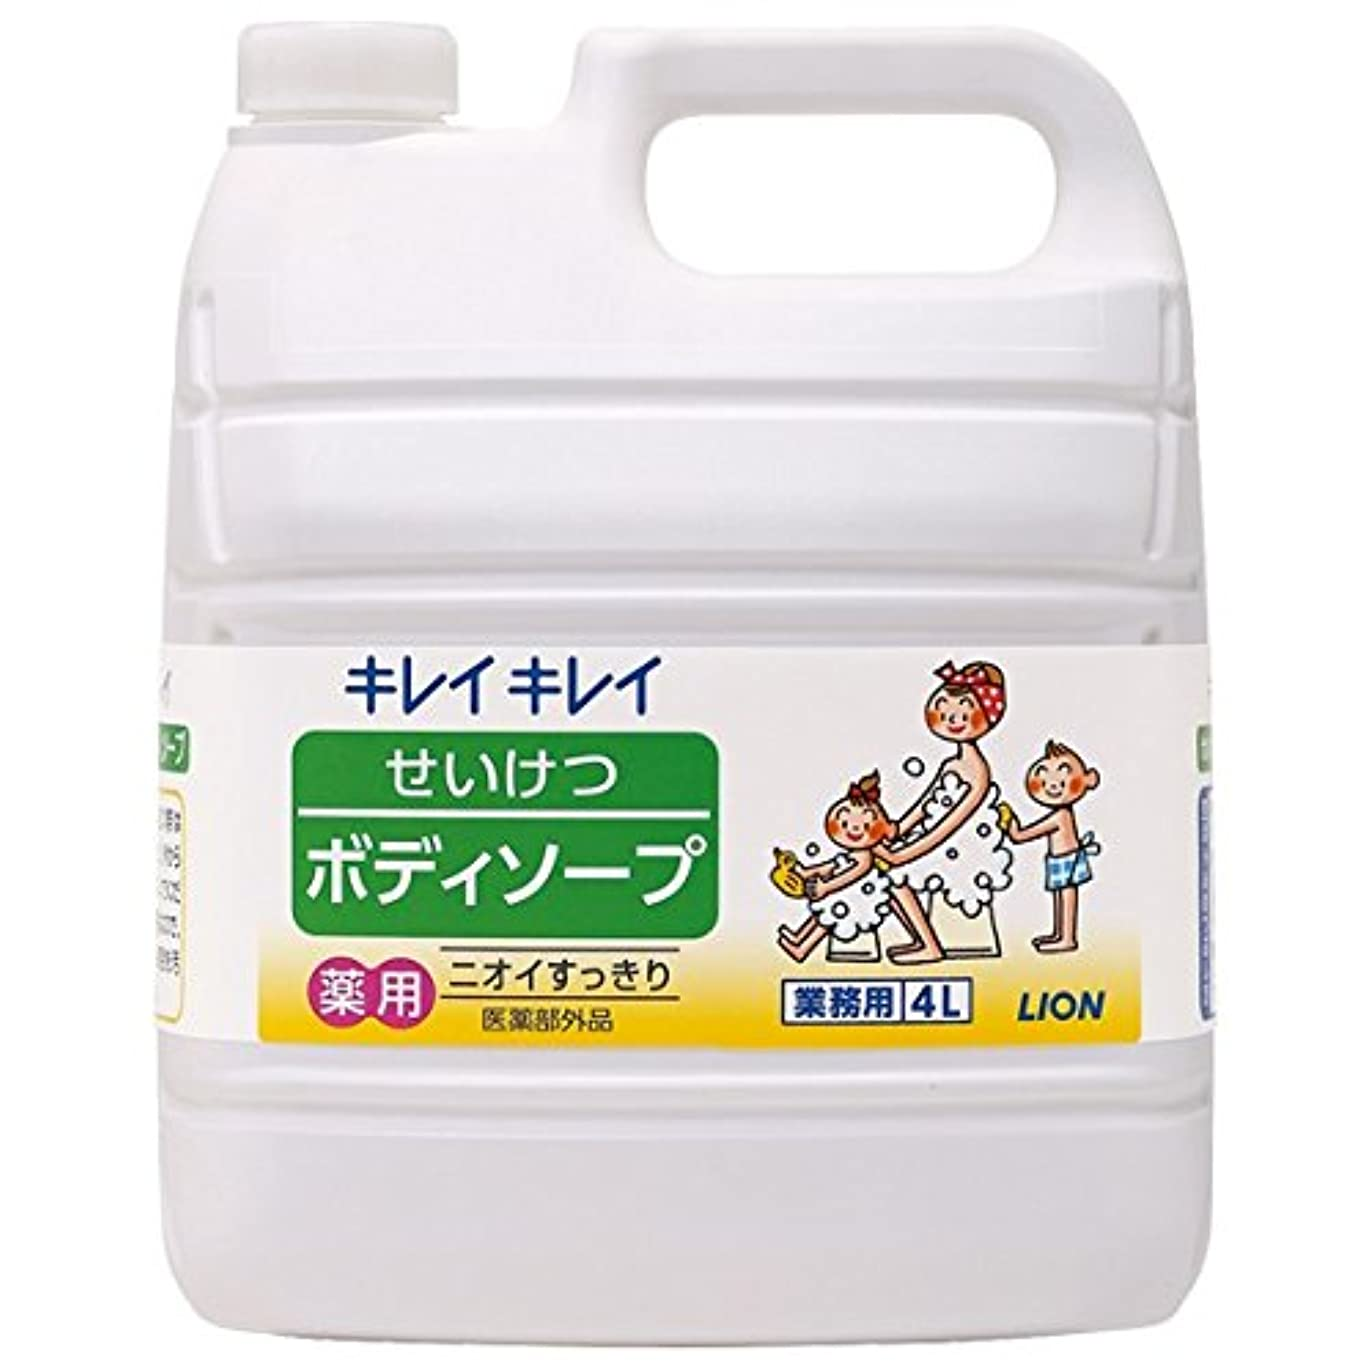 ライオン キレイキレイ せいけつボディソープ さわやかなレモン&オレンジの香り 業務用 4L×3本